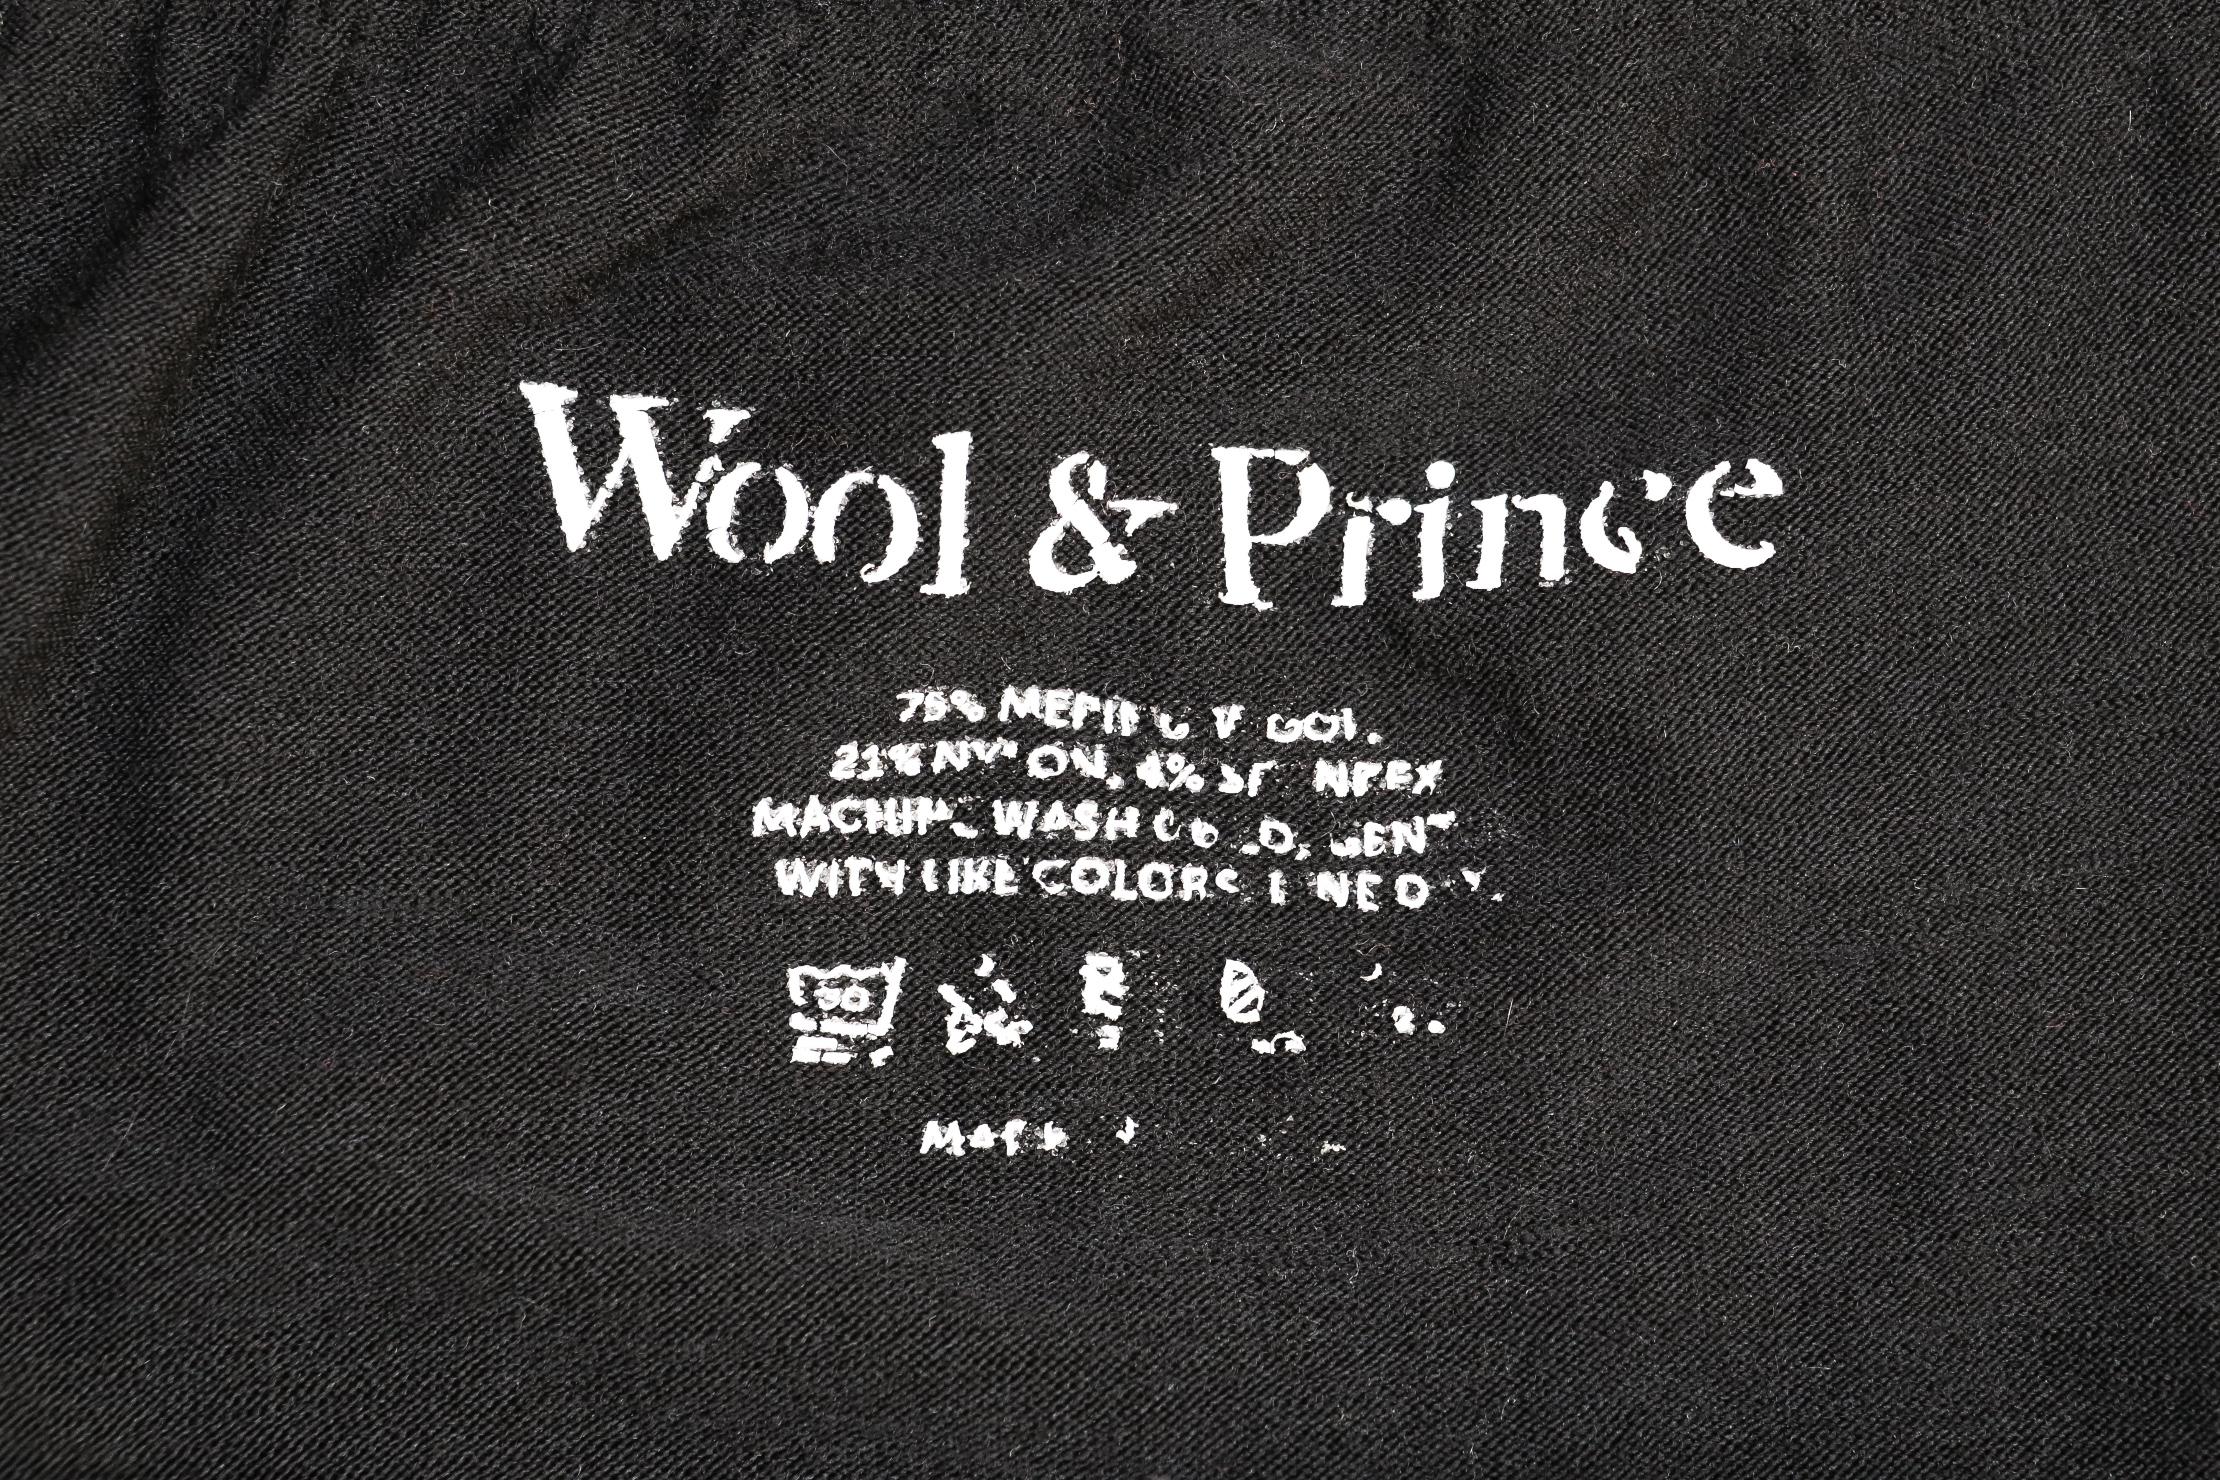 Wool & Prince Boxers 2.0 Worn Tag